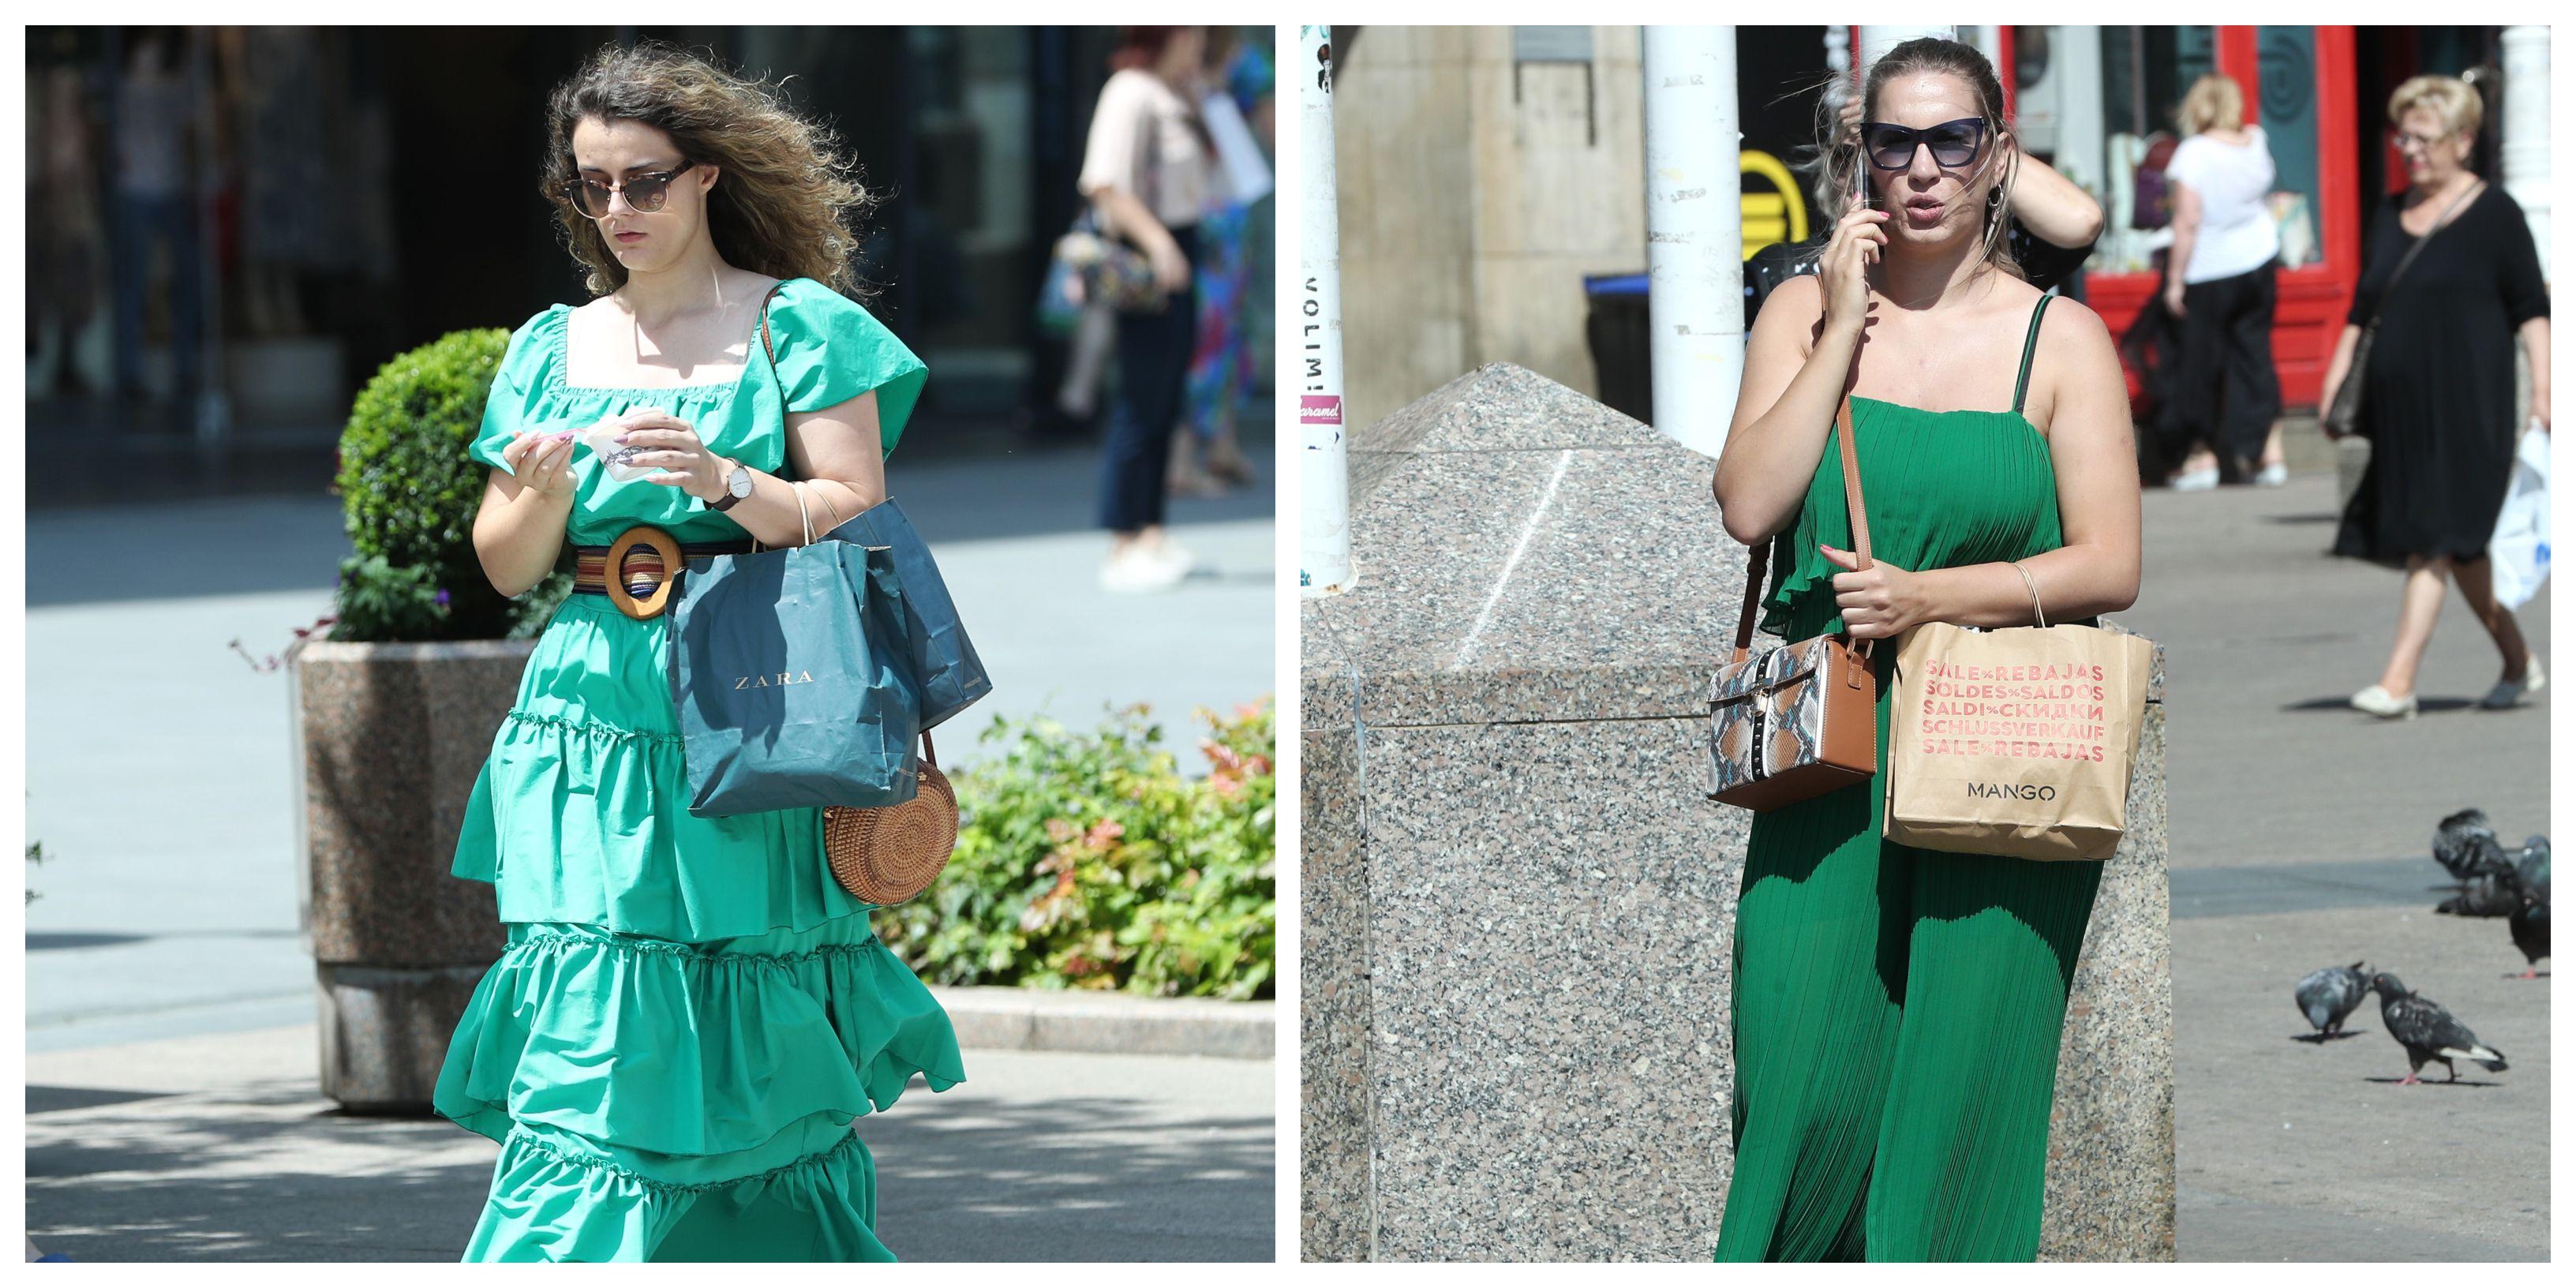 Dvije djevojke u zelenom prošetale gradom: Kome bolje stoji opuštajuća boja?